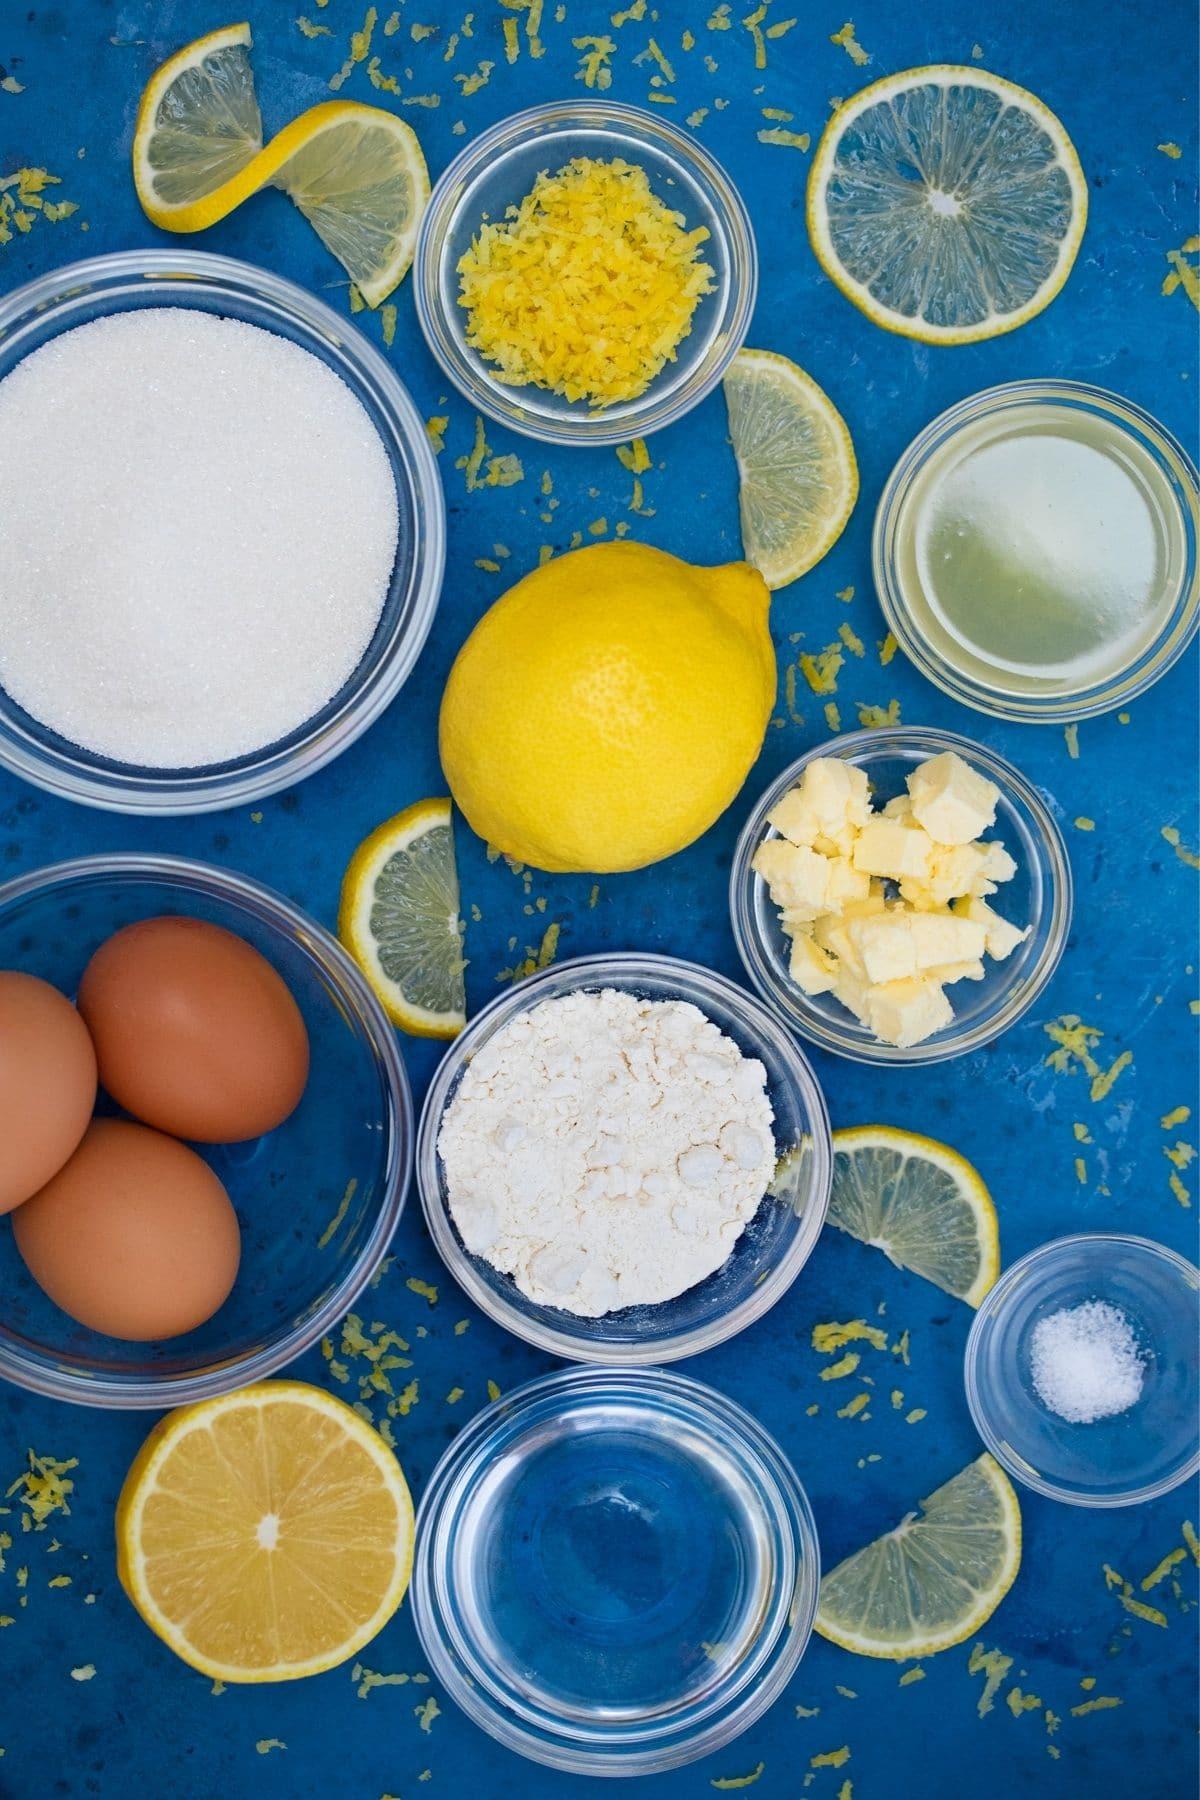 Ingredients for lemon meringue cupcakes